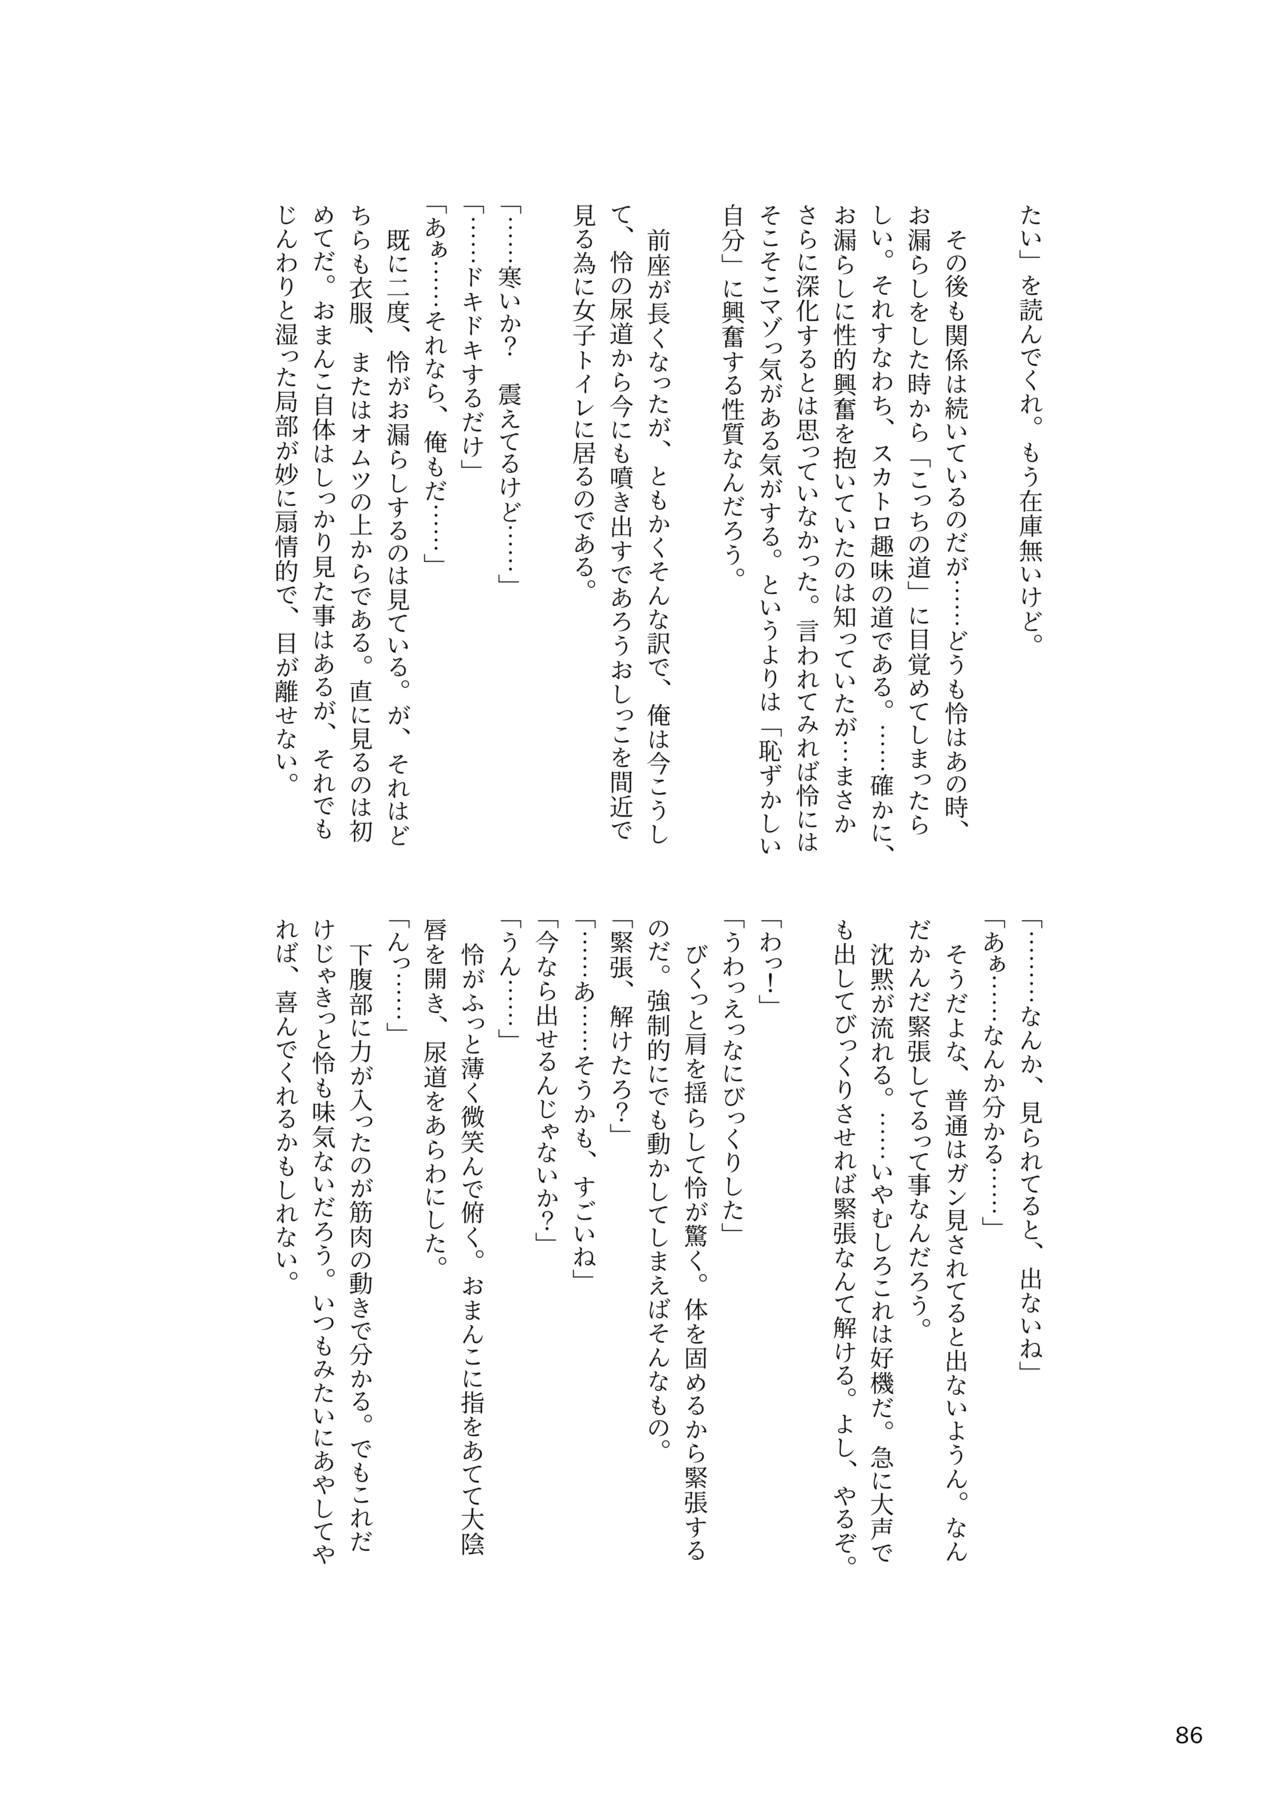 ア○スギア総合スカトロアンソロジー アクトレス排泄実態調査任務~スカポためるっすか!?~ 85